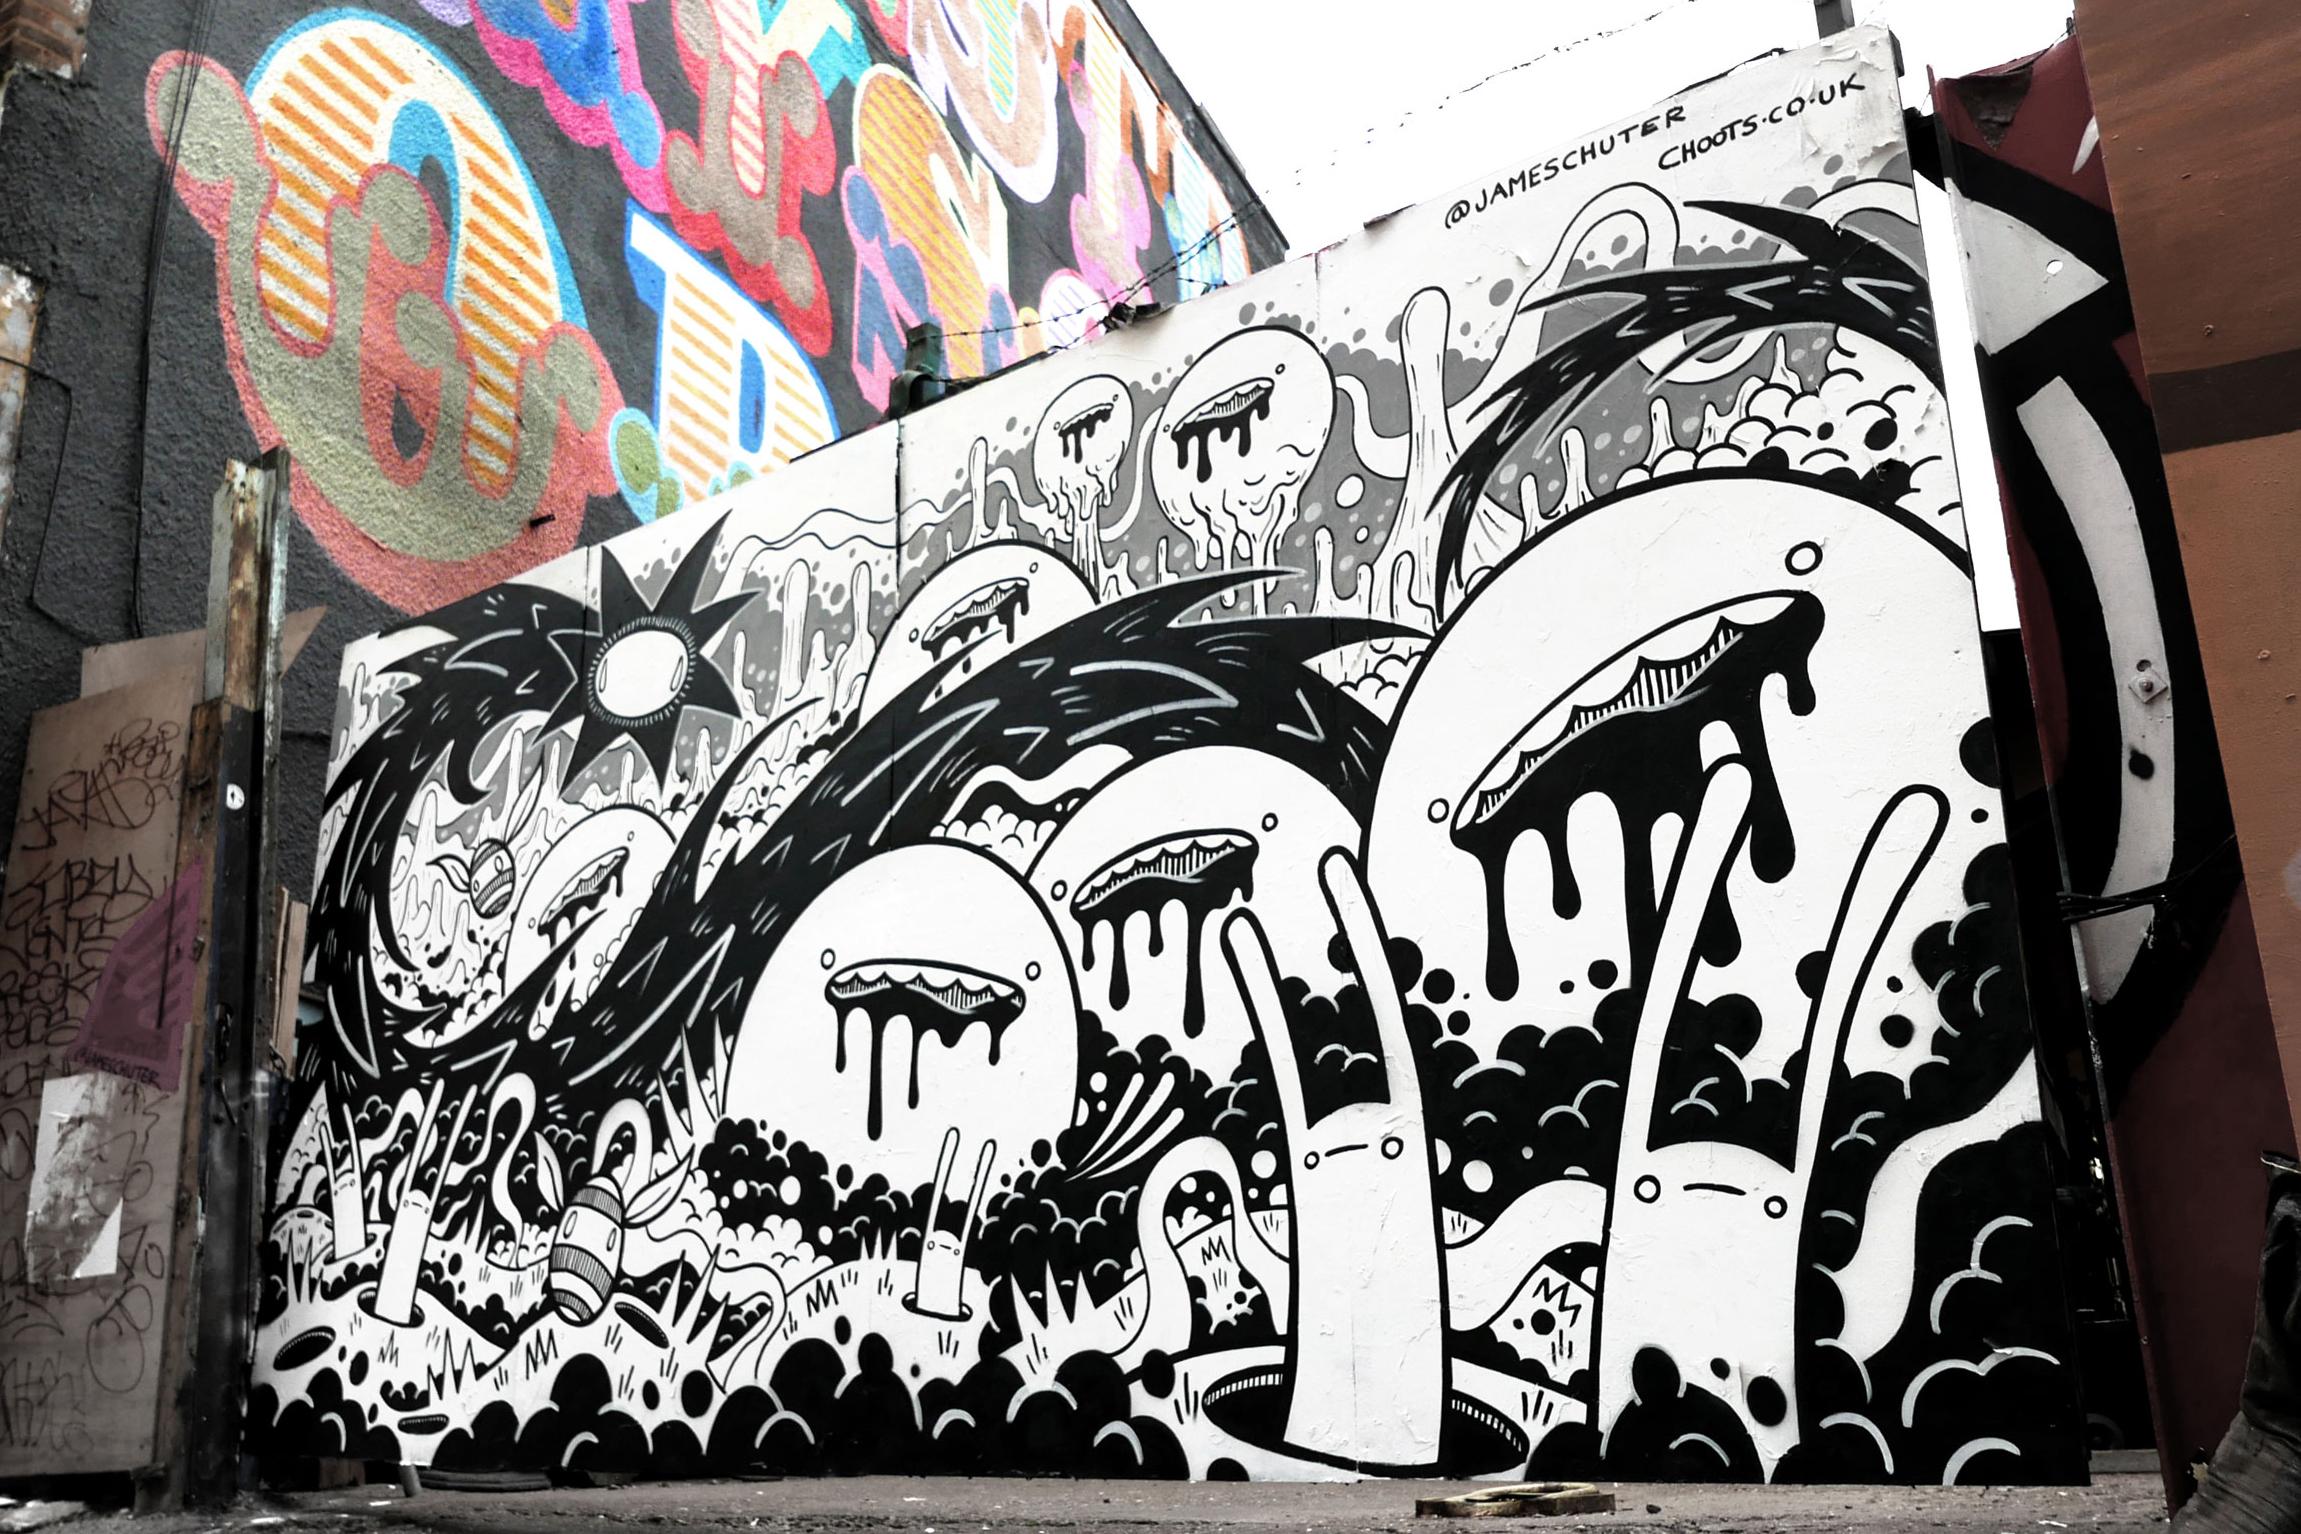 Rivington St mural